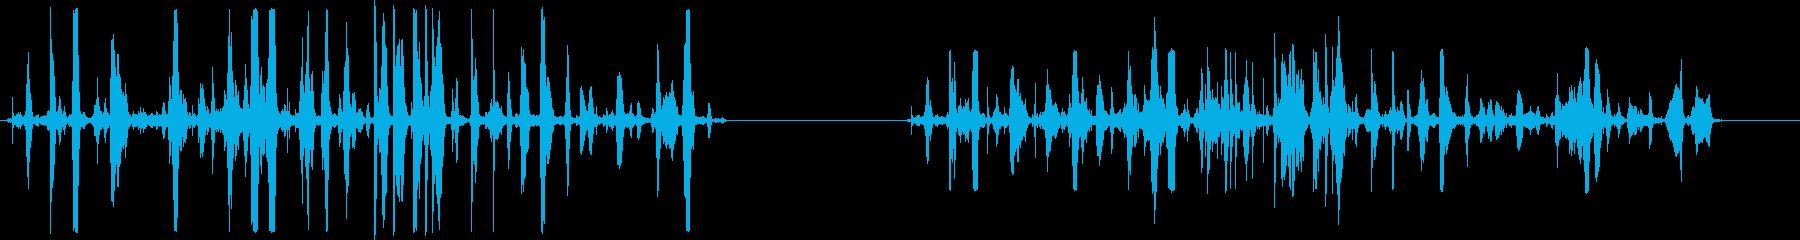 戦闘シーン、2つのバージョン、処理...の再生済みの波形